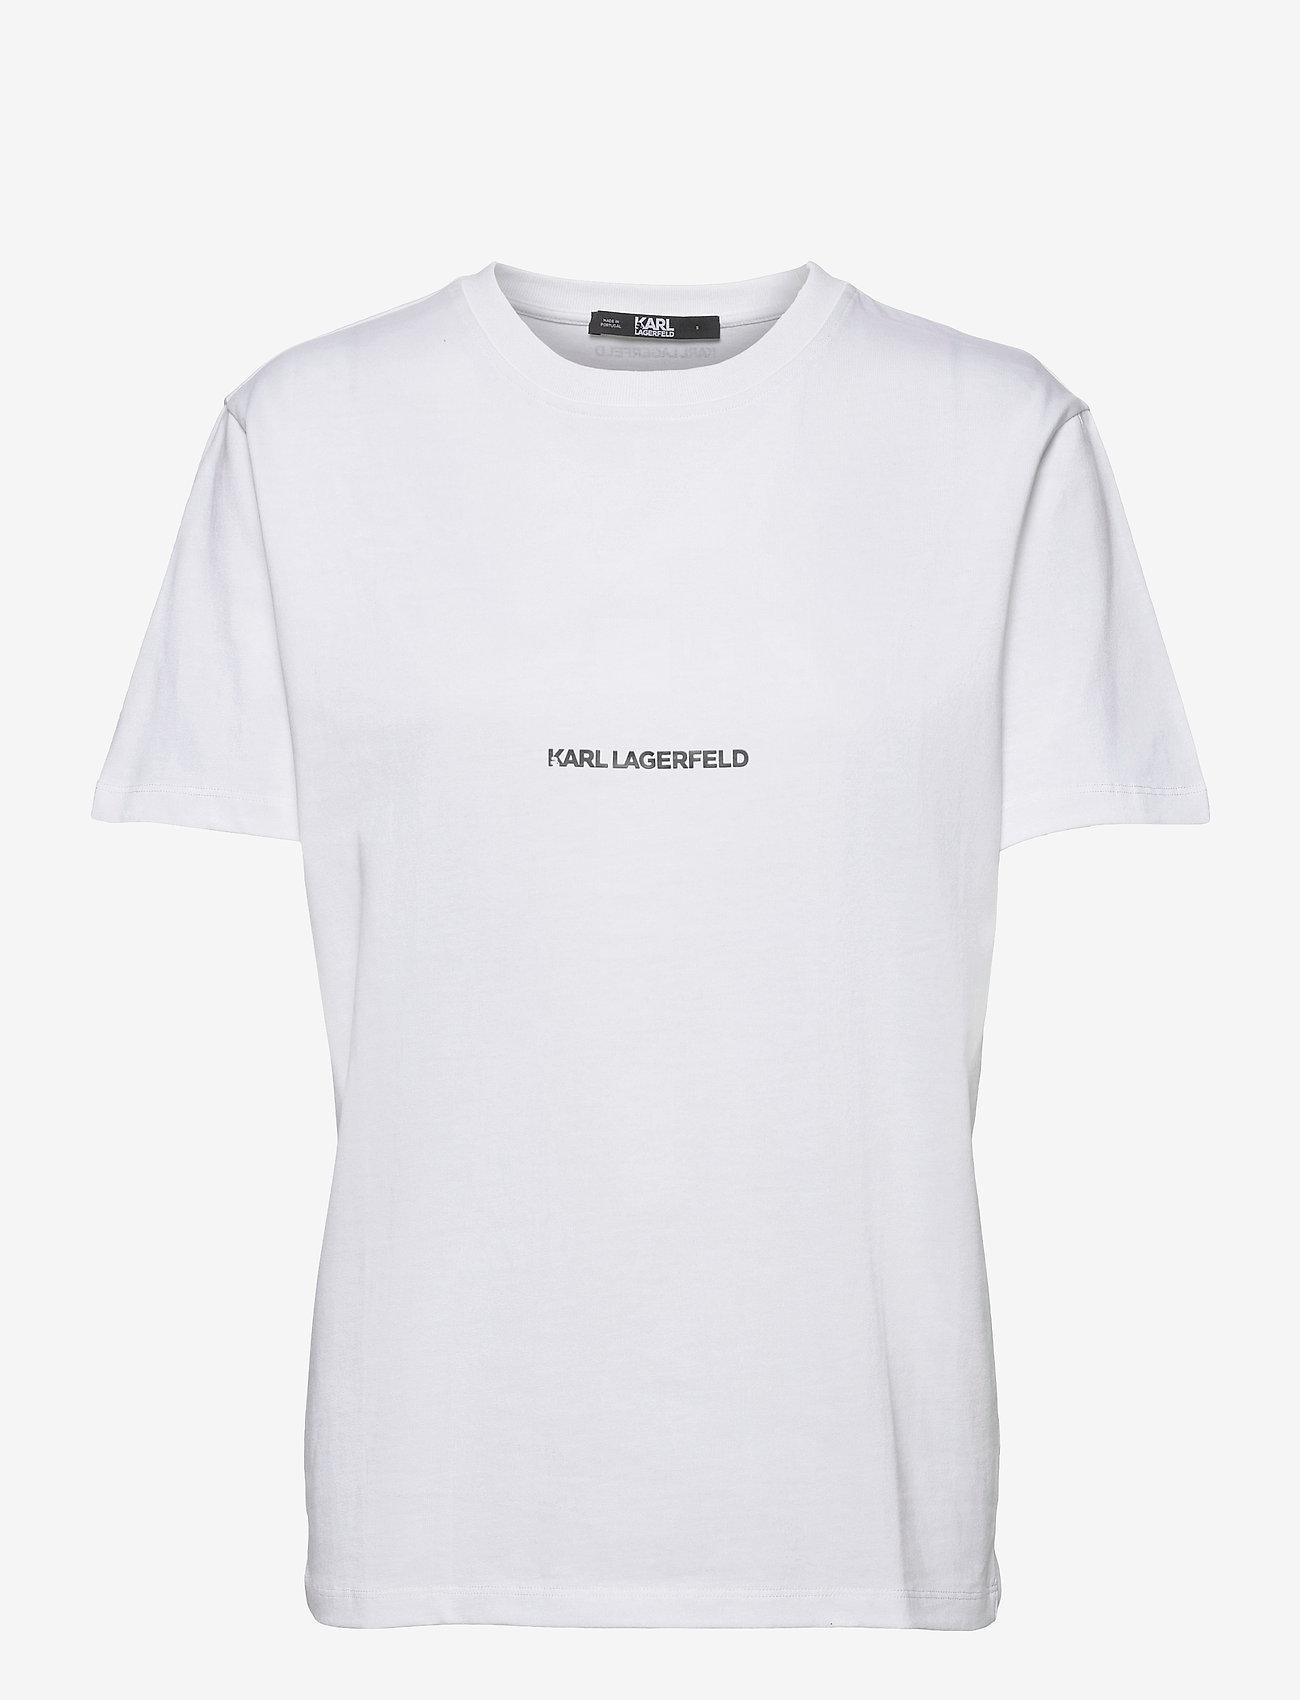 Karl Lagerfeld - karl essential logo t-shirt - t-shirts - white - 0